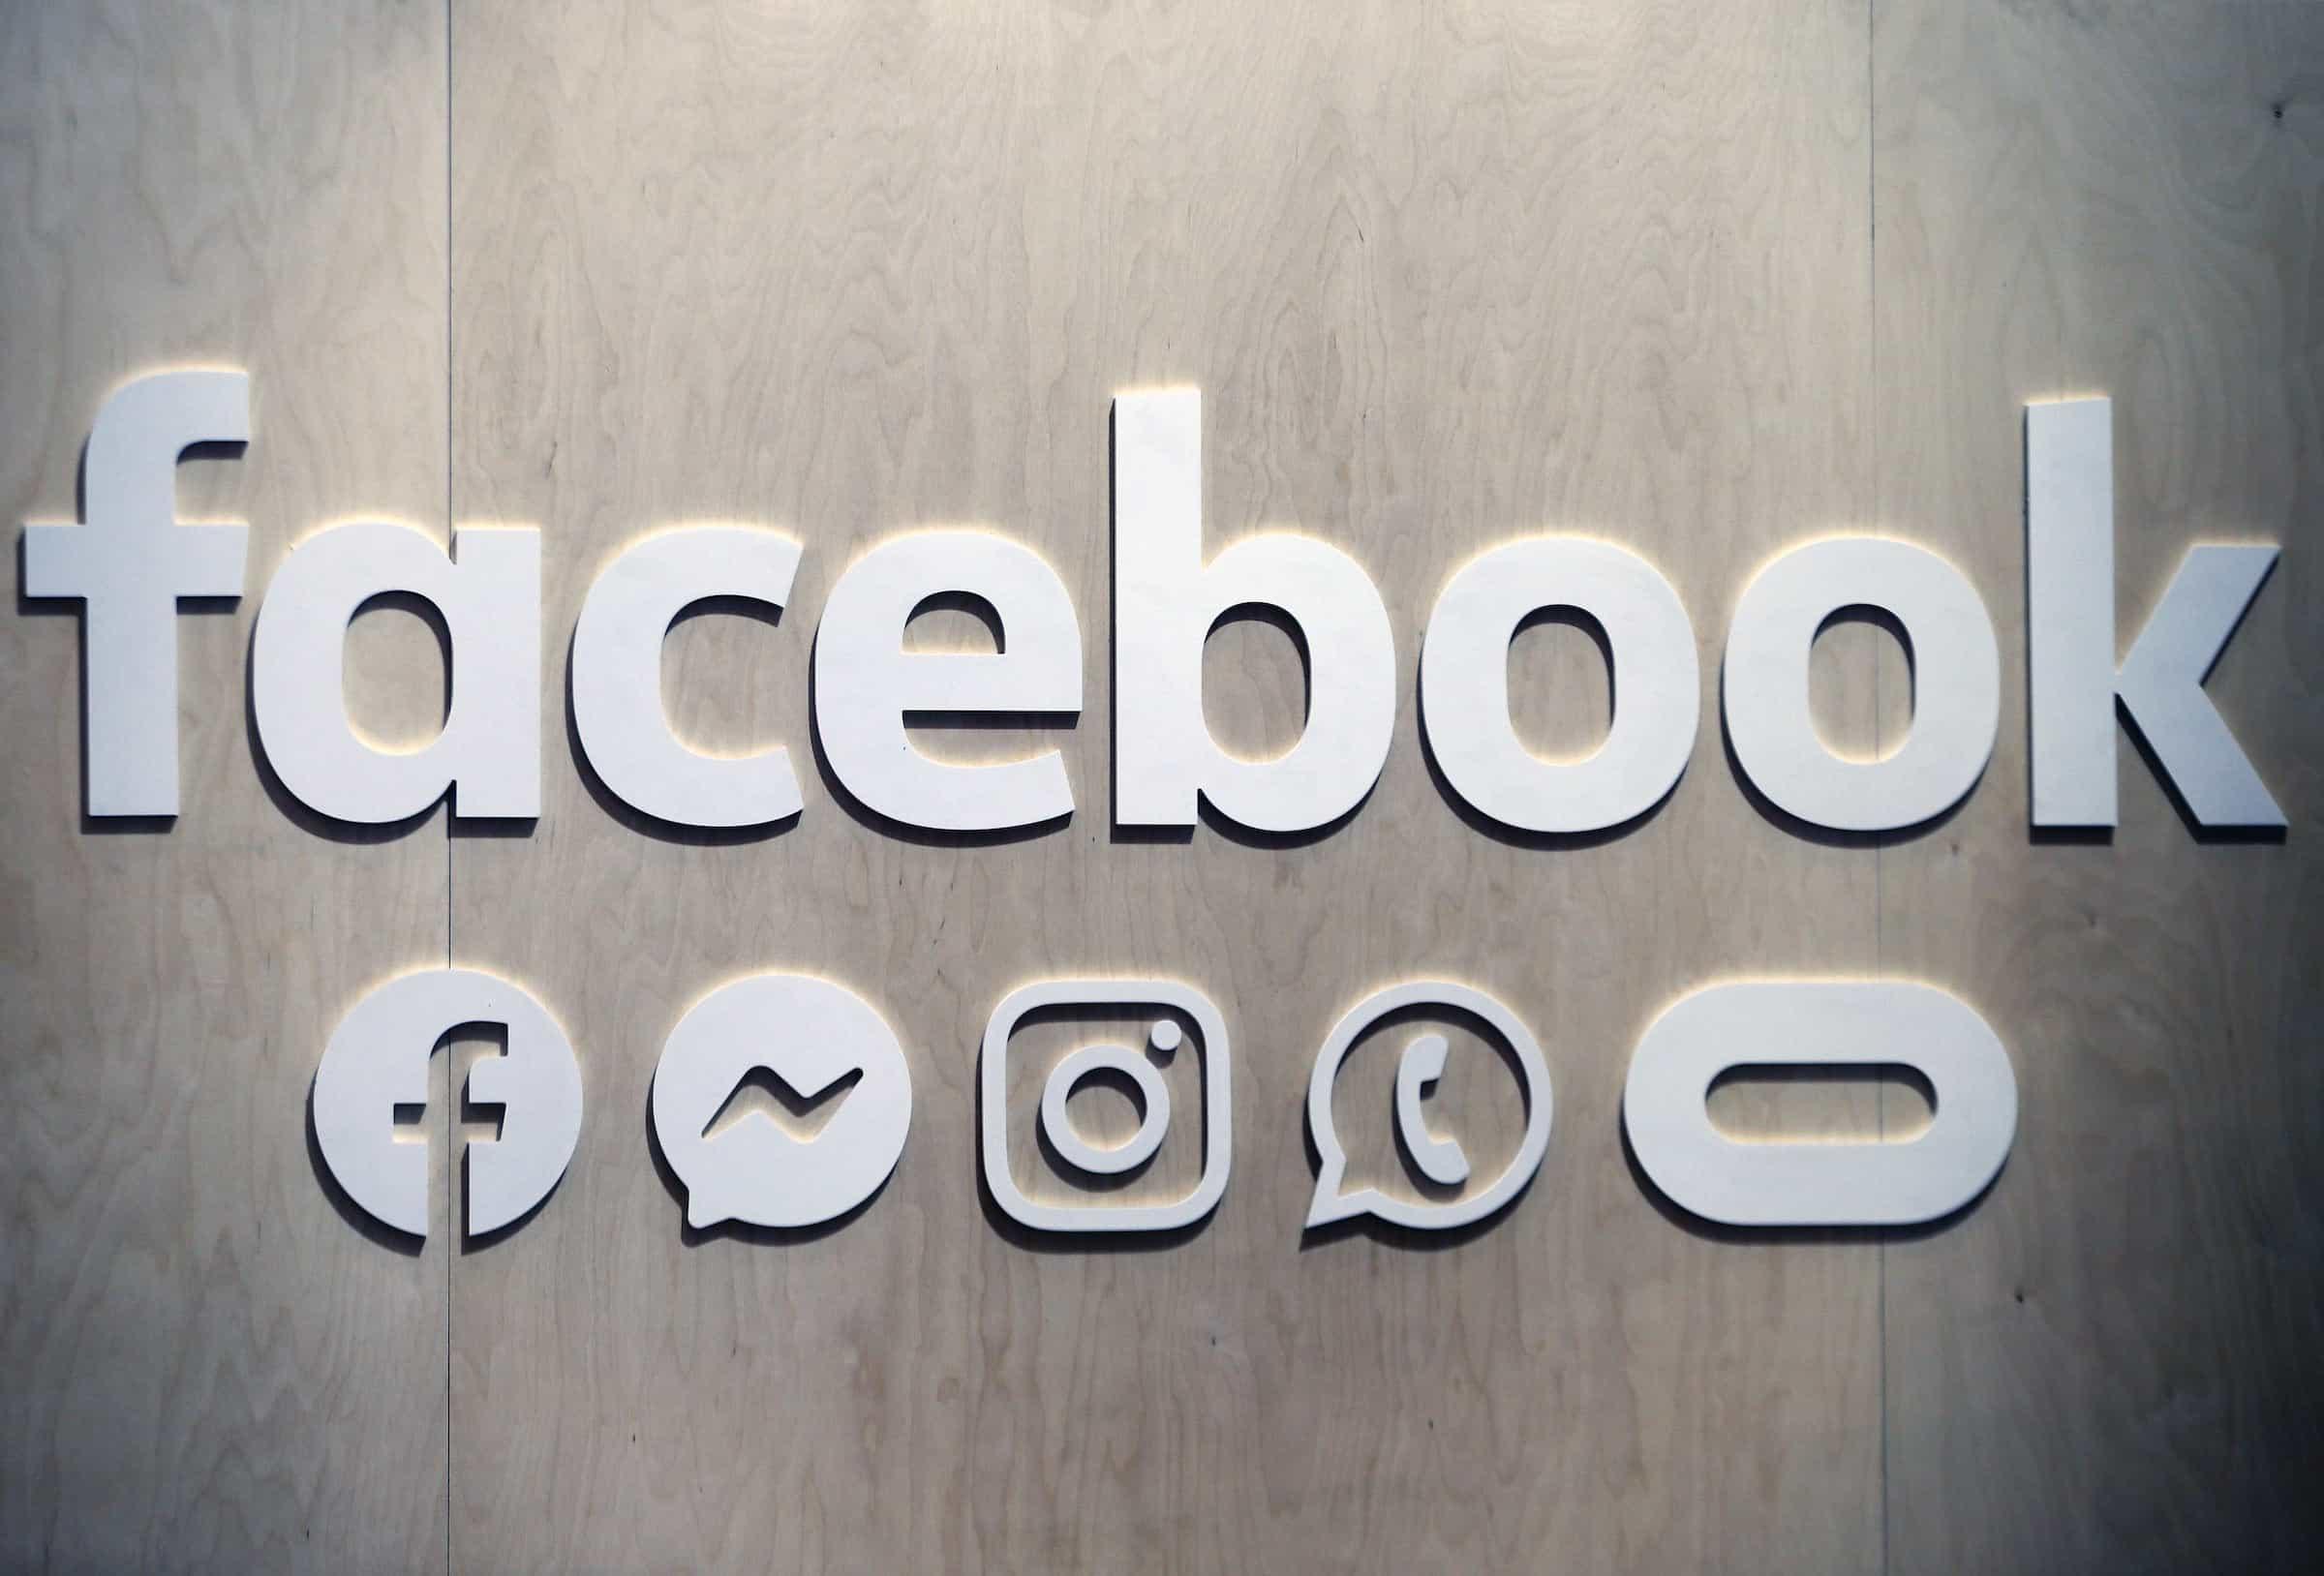 фейсбук брандинг